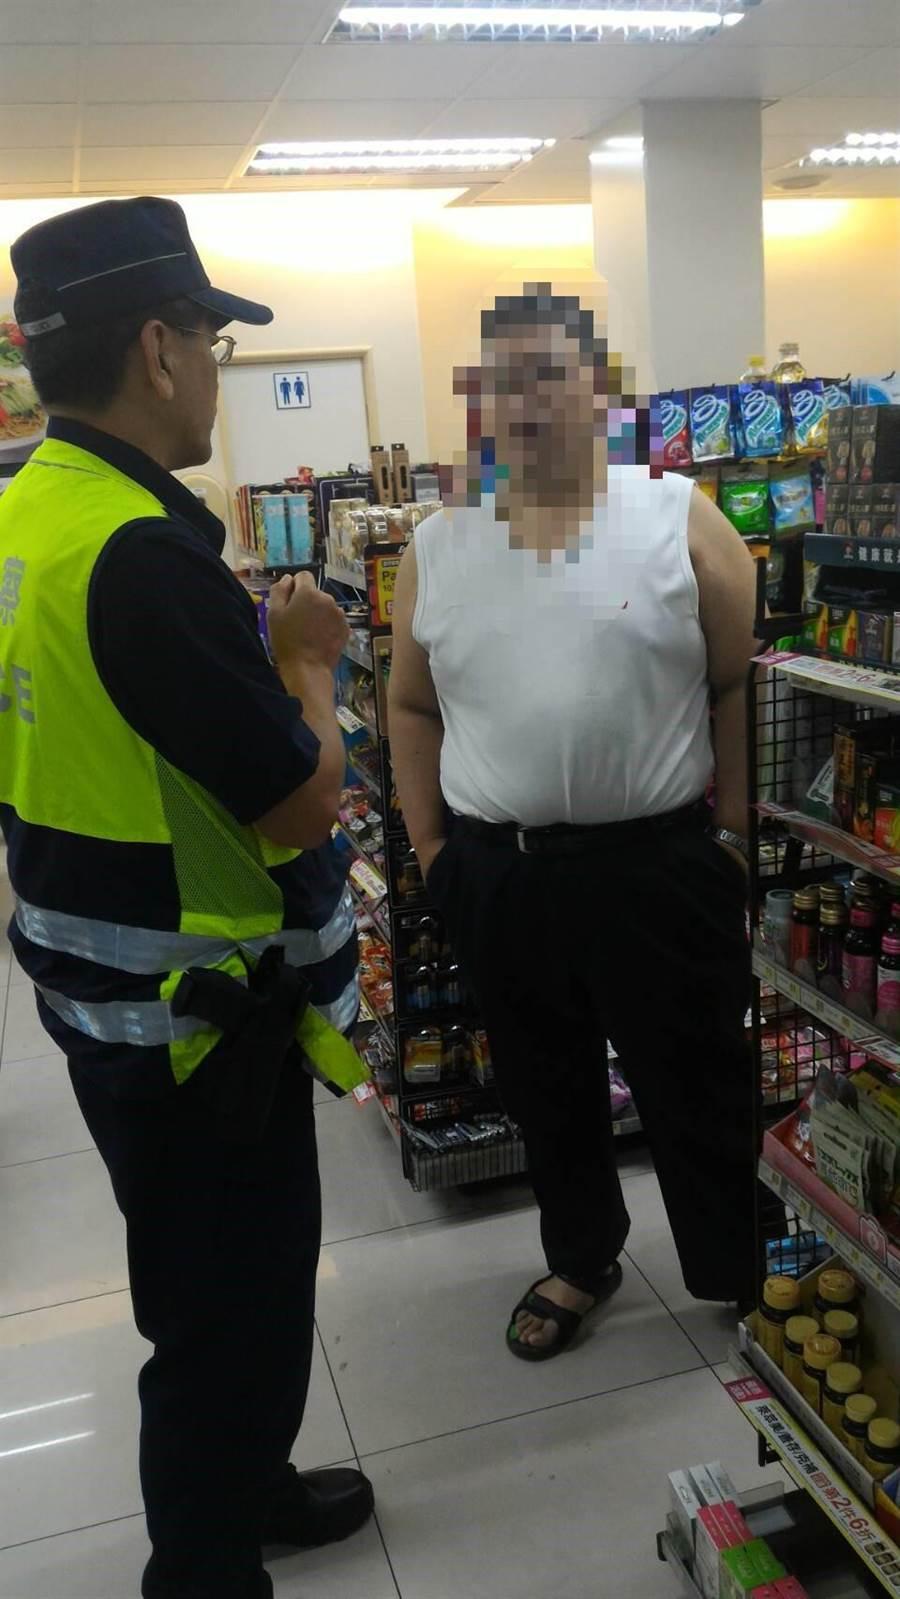 警方連續追查兩、三家超商,才找到又要匯款的卓男,阻止他繼續遭詐騙。(程炳璋翻攝)